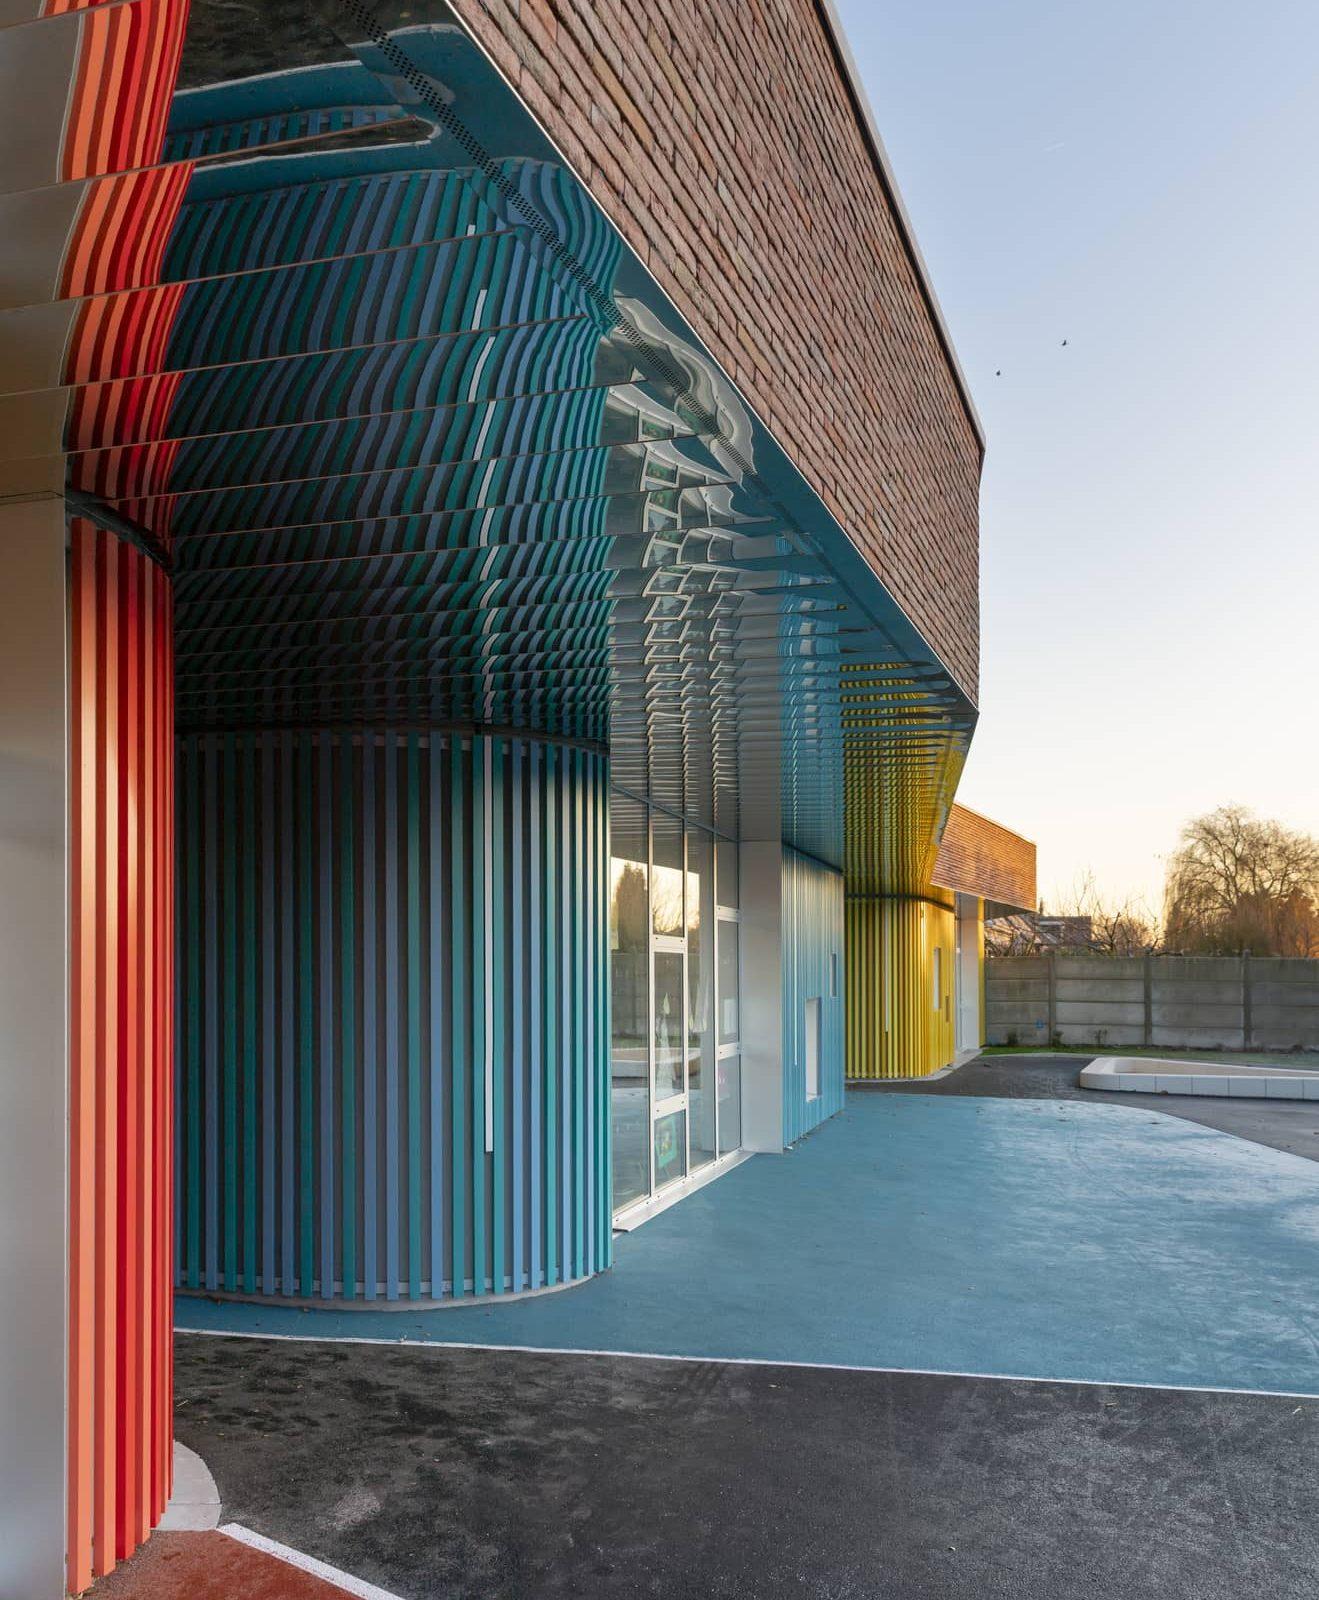 Travaux de bardage rapporté à l'école maternelle Henri Ghesquière à Lesquin Lille dans le Nord